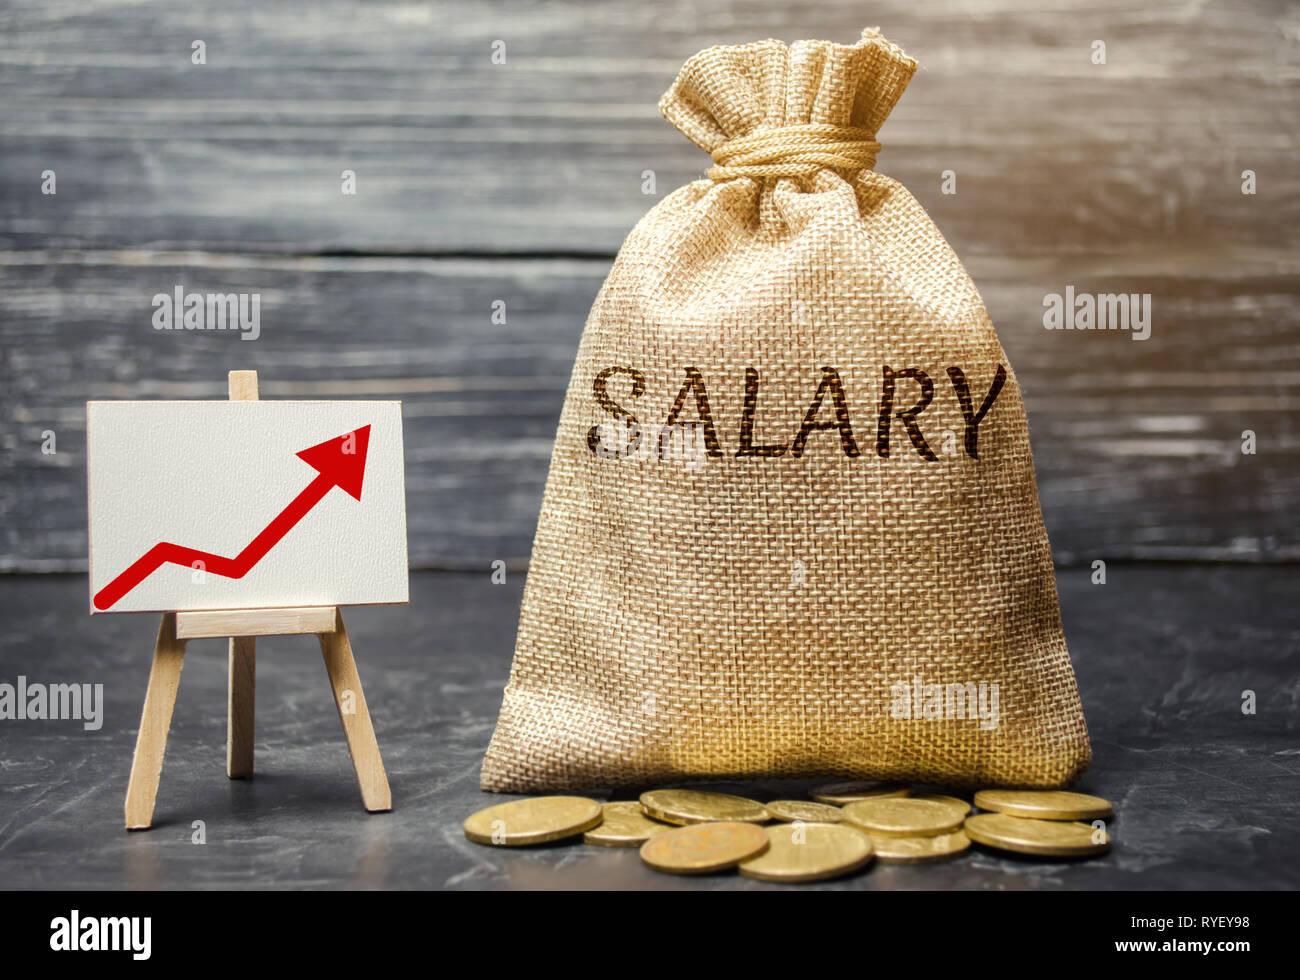 Bolsa con dinero y la palabra salario y flecha arriba y monedas. Aumento de sueldo, salario. La promoción. Crecimiento profesional. Elevar el nivel de vida. Incre Foto de stock